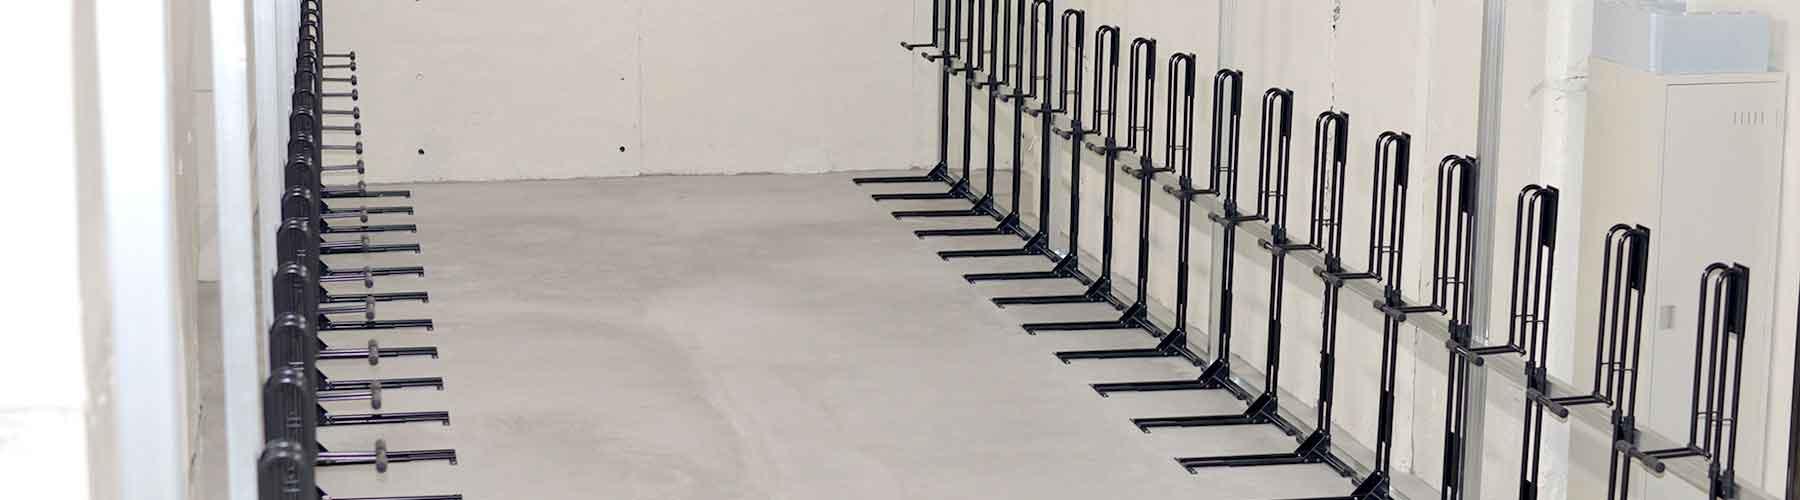 charipoolに設置された縦置き自転車スタンドCS-650